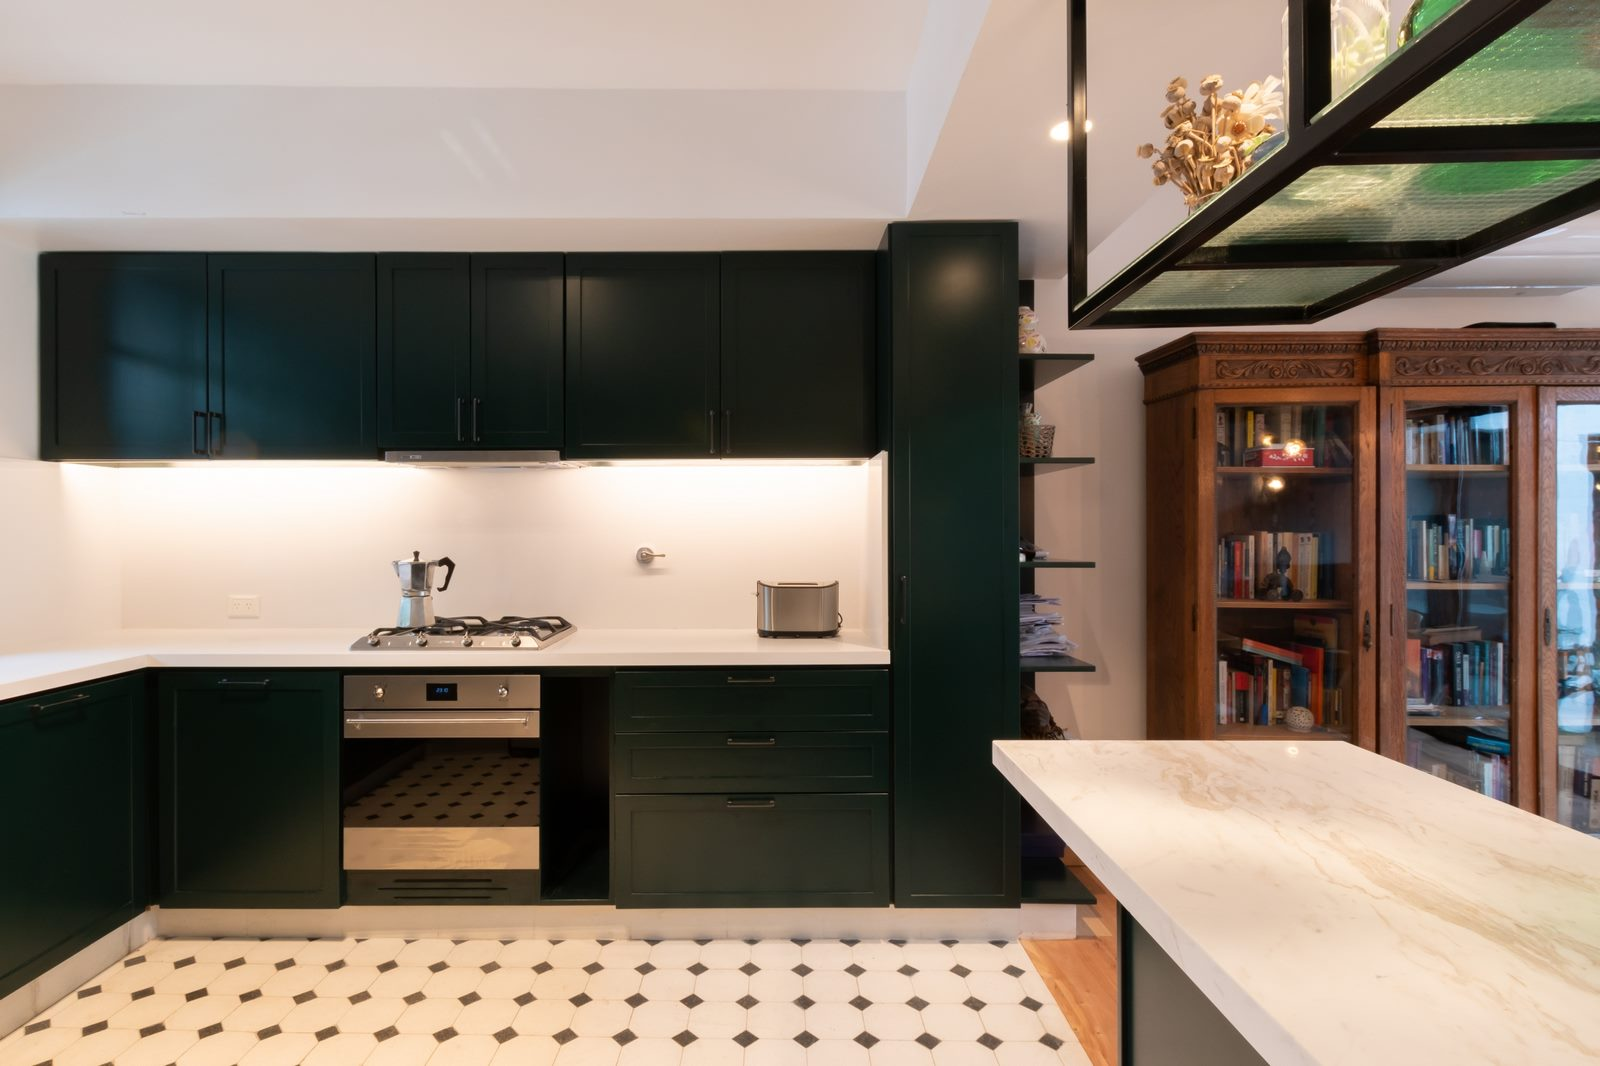 Casa en Quesada - Octava Arquitectura 1